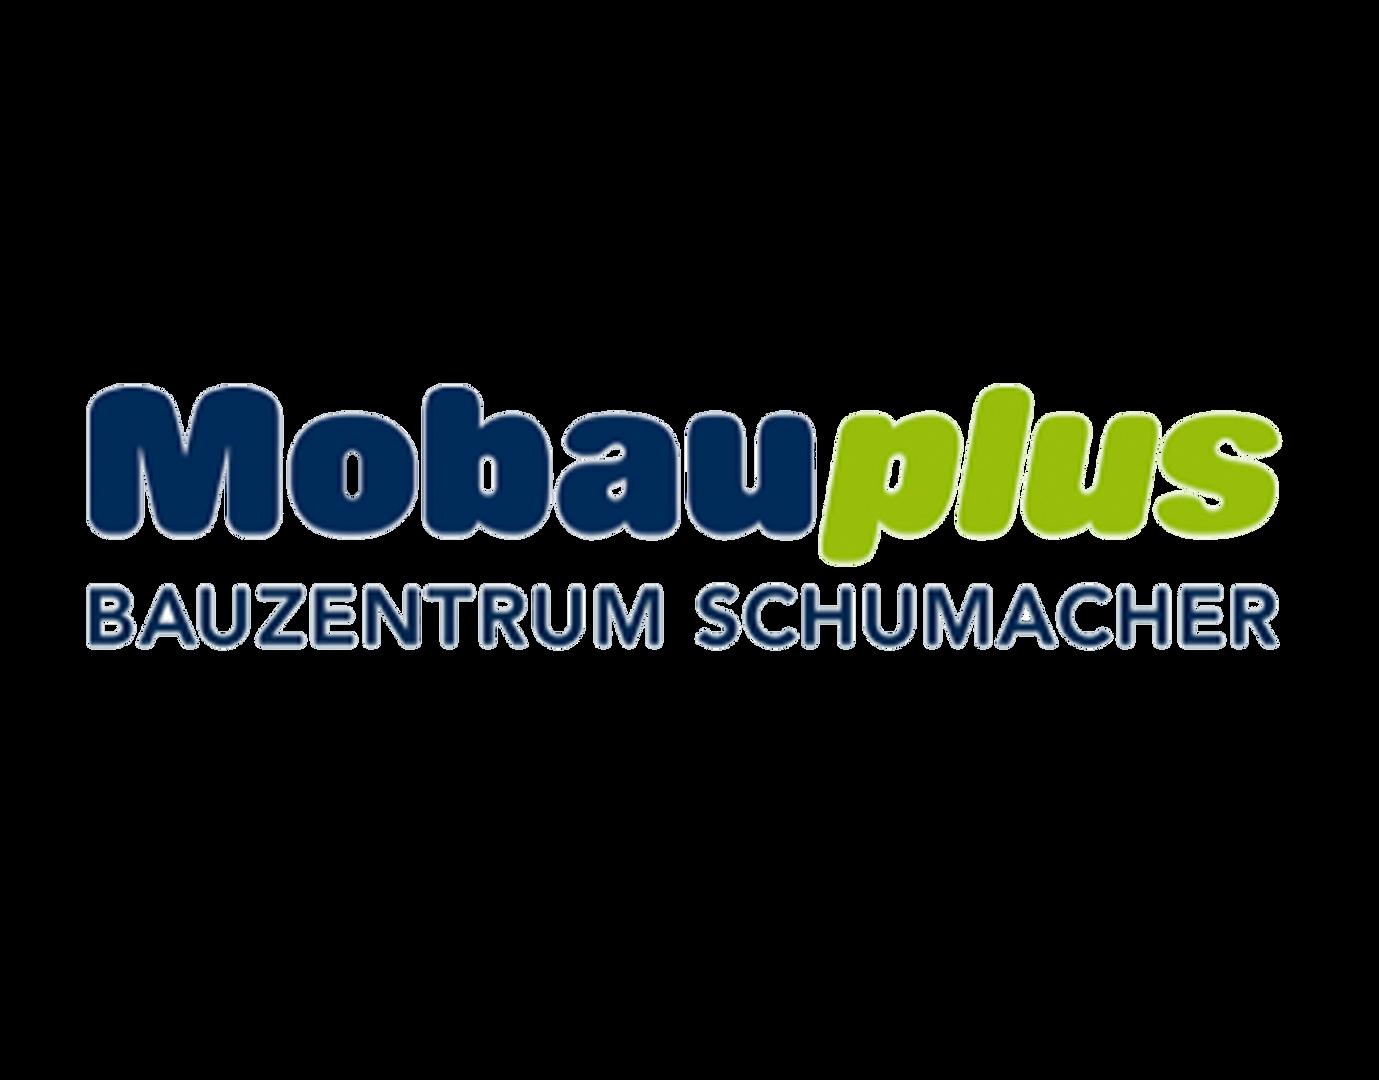 Logo_Bauzentrale_Schumacher.png